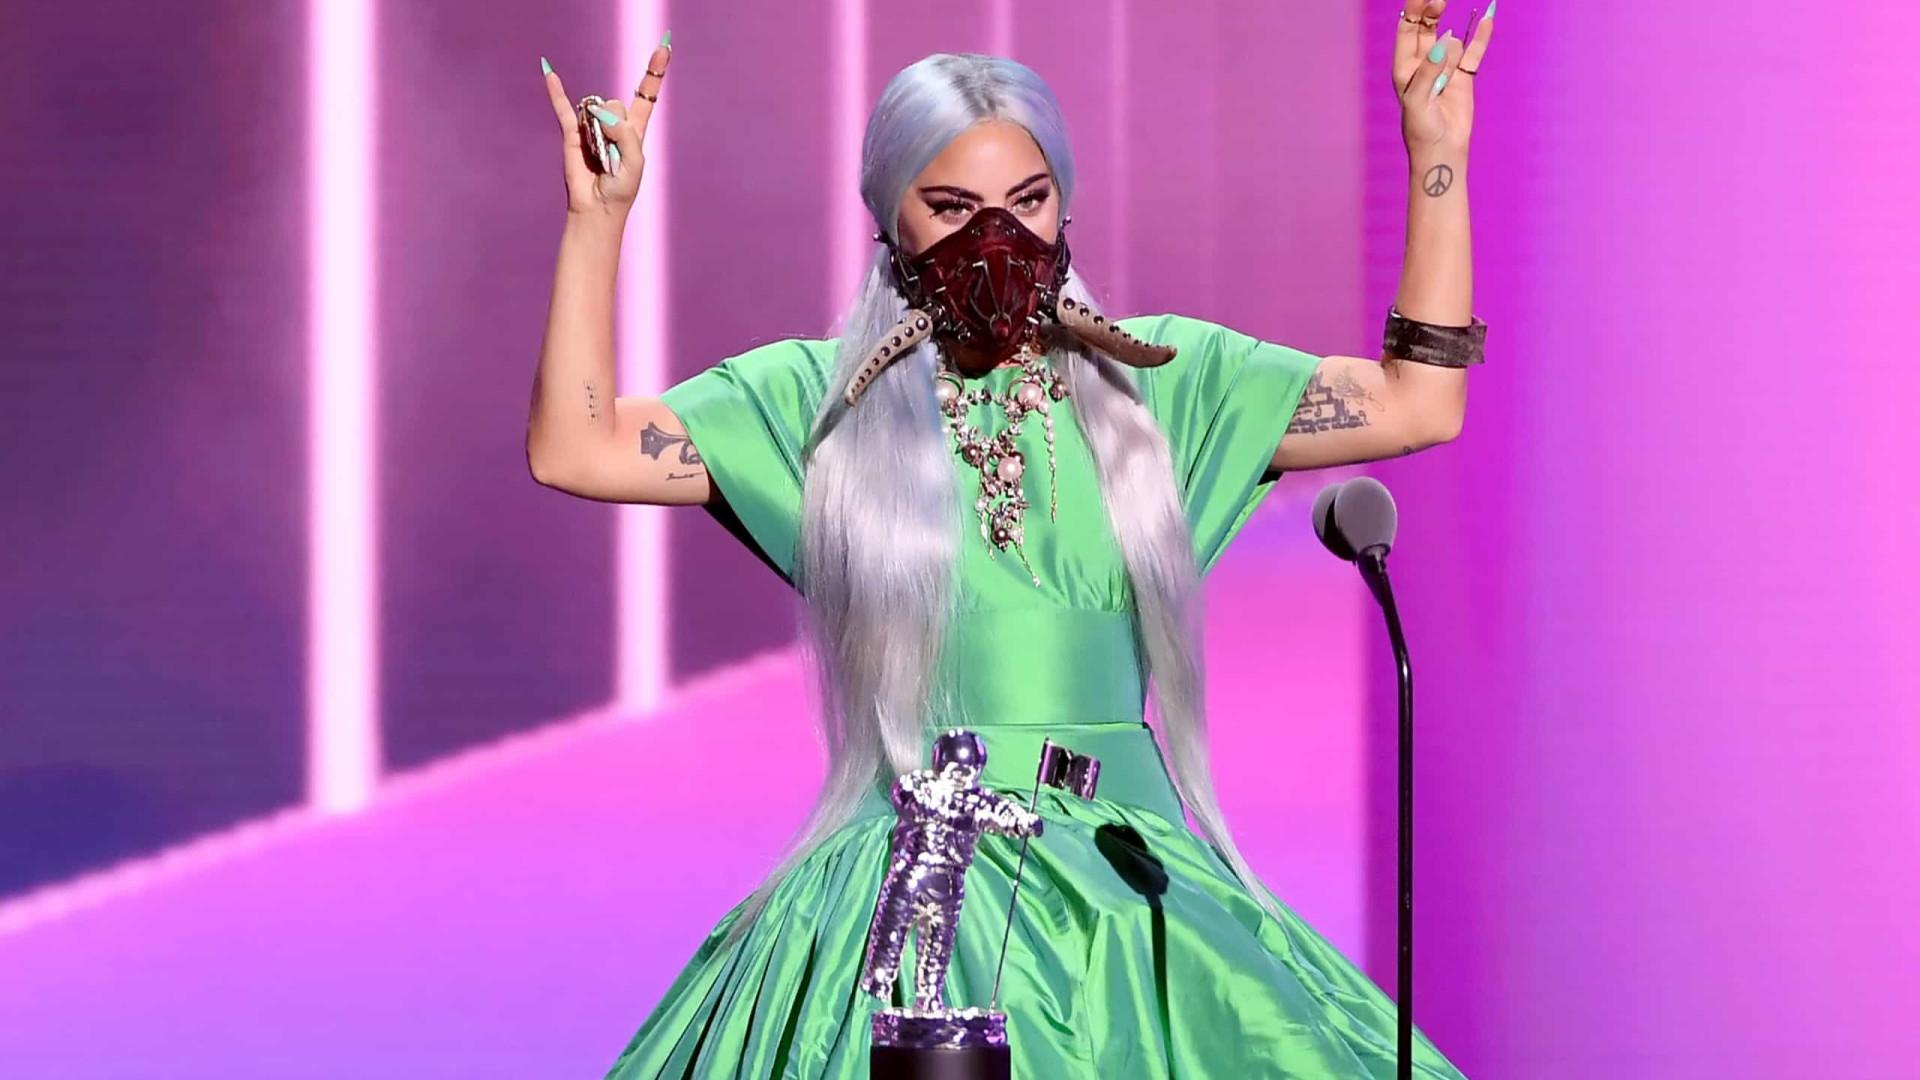 """Lady Gaga confessa: """"Odiava ser uma estrela. Sentia-me exausta"""""""